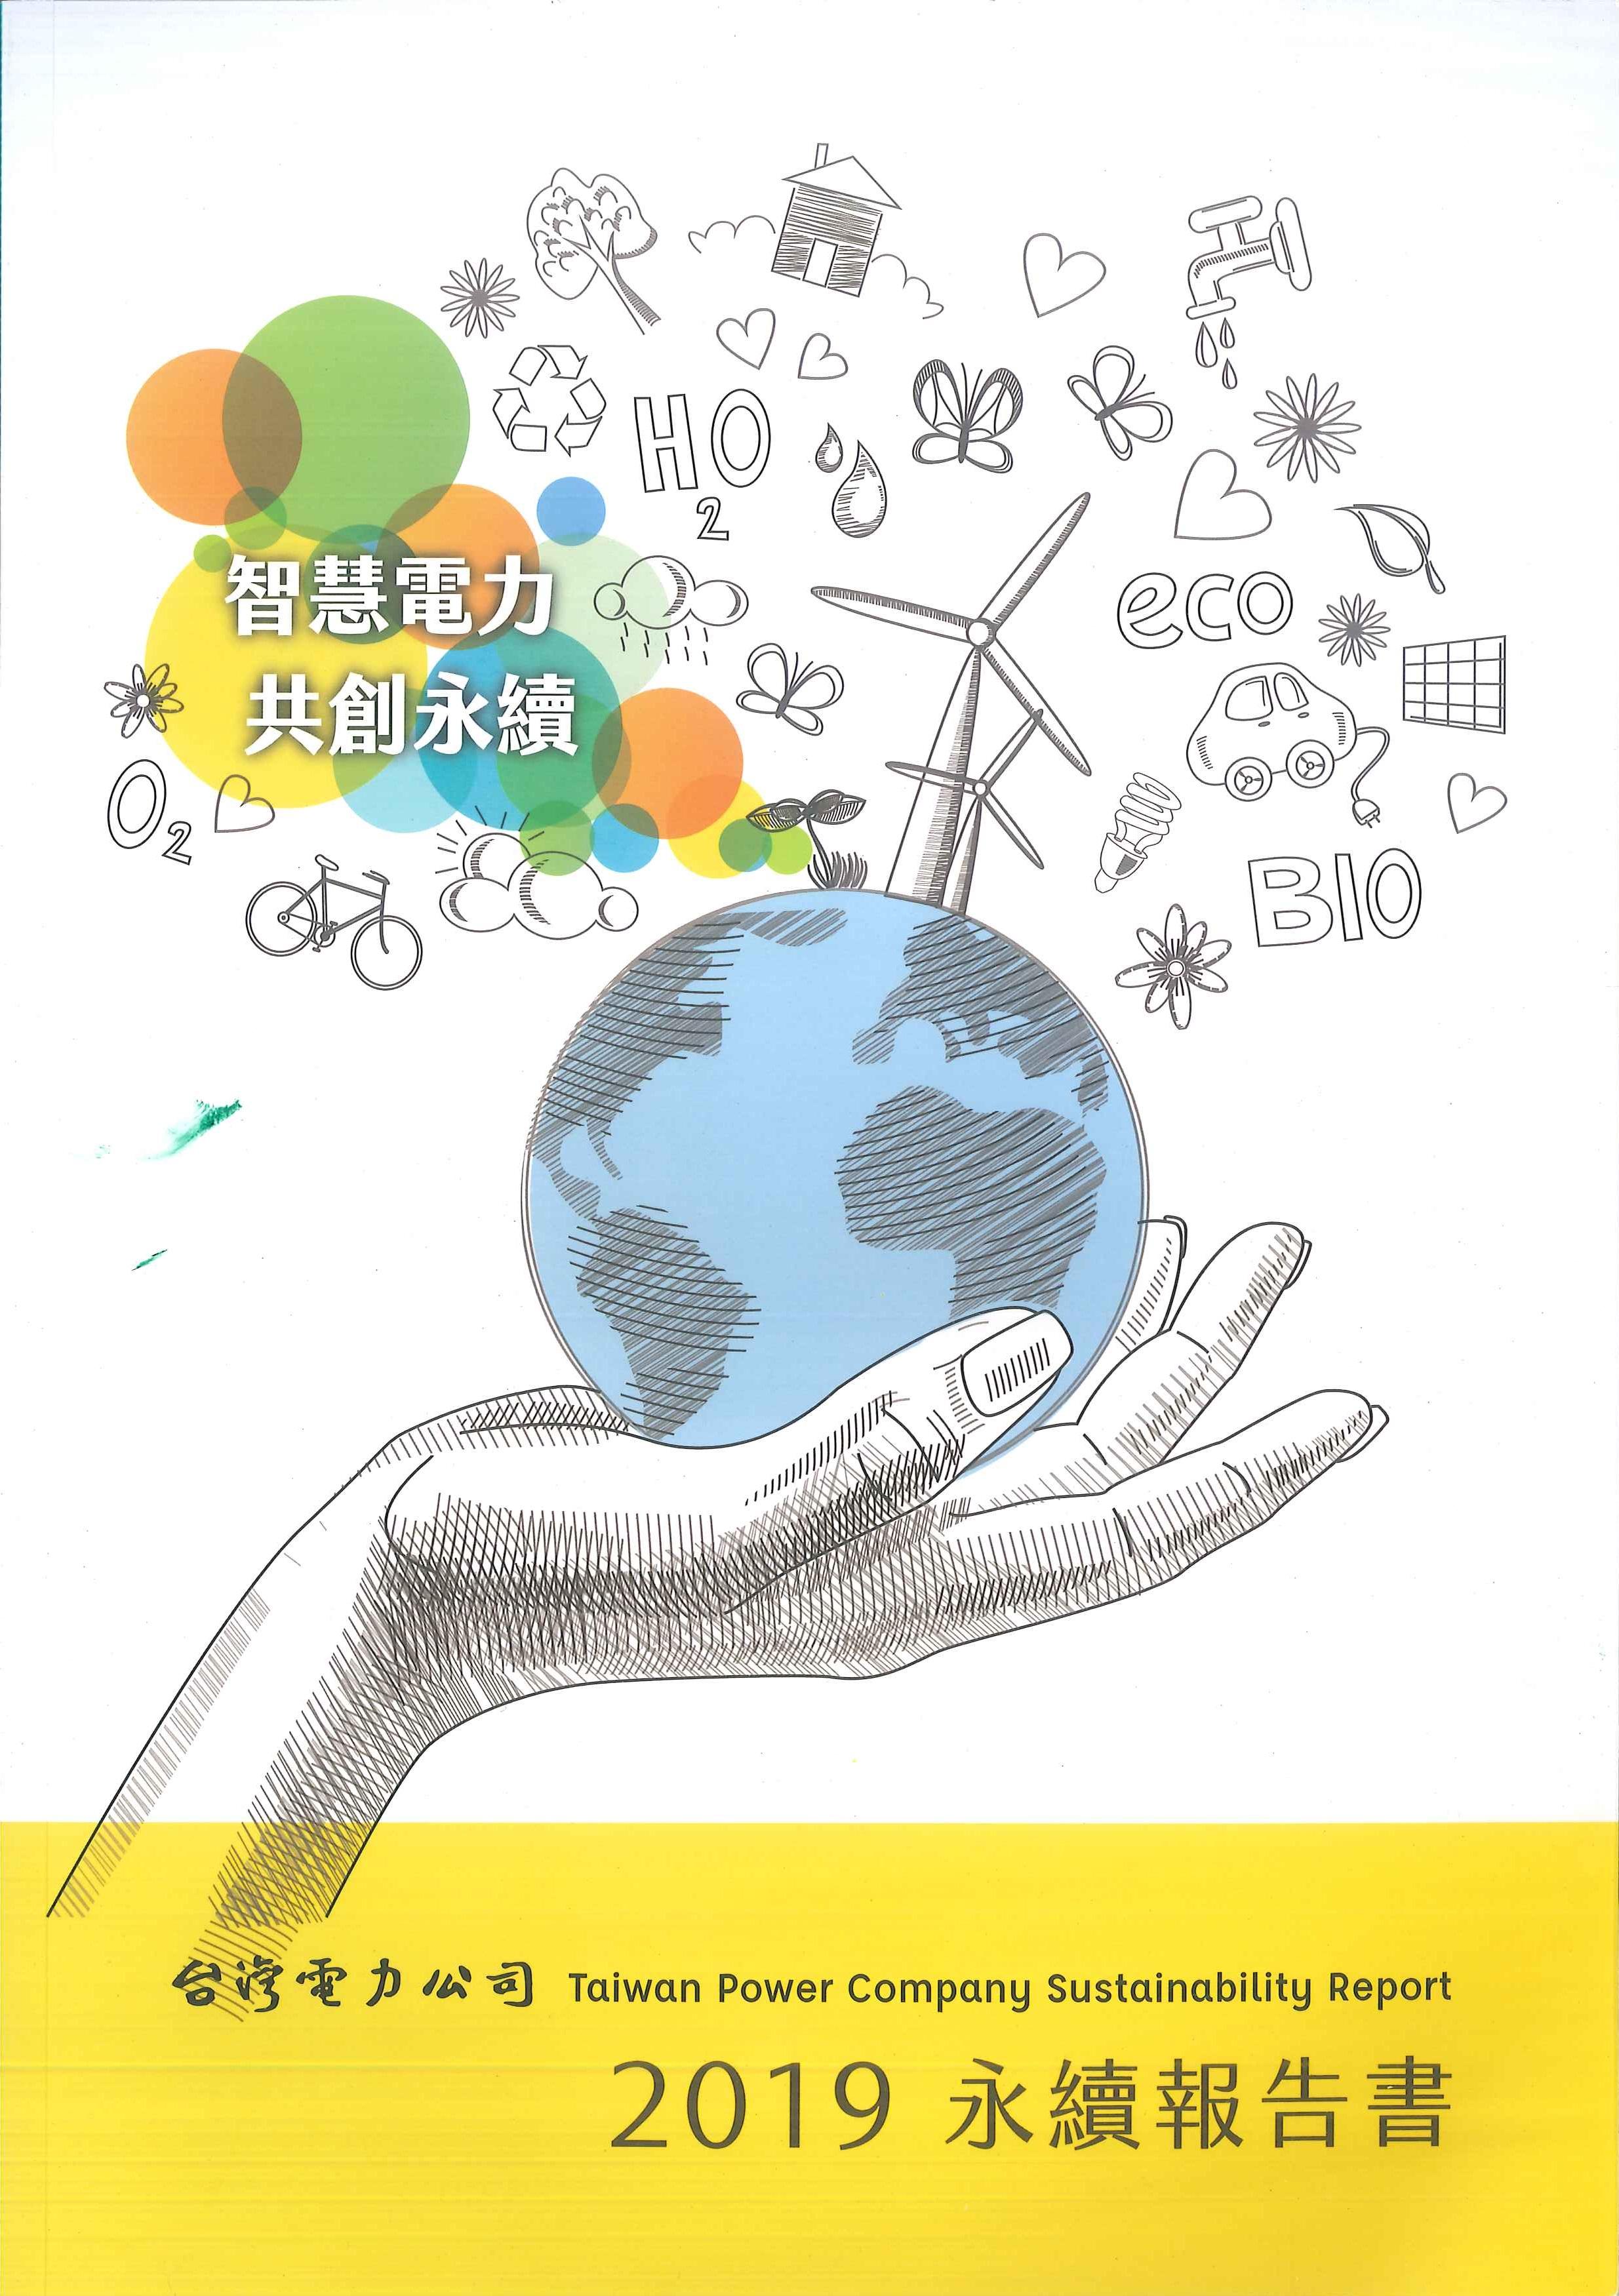 台灣電力公司永續報告書